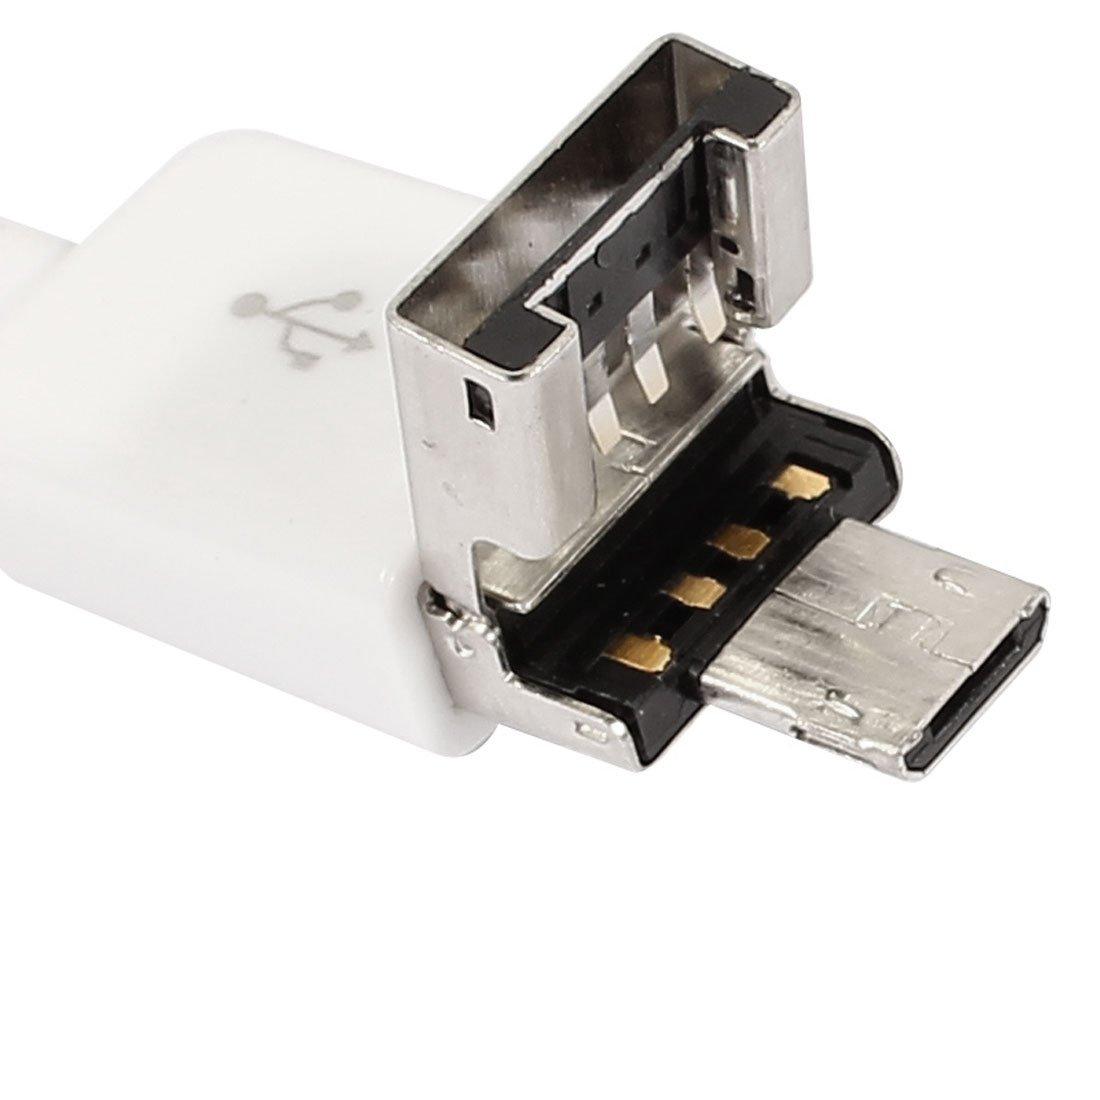 Android Endoscopio Inspección Cámara eDealMax 7mm 6LED impermeable micro USB 3.5 metros de la longitud blancos - - Amazon.com